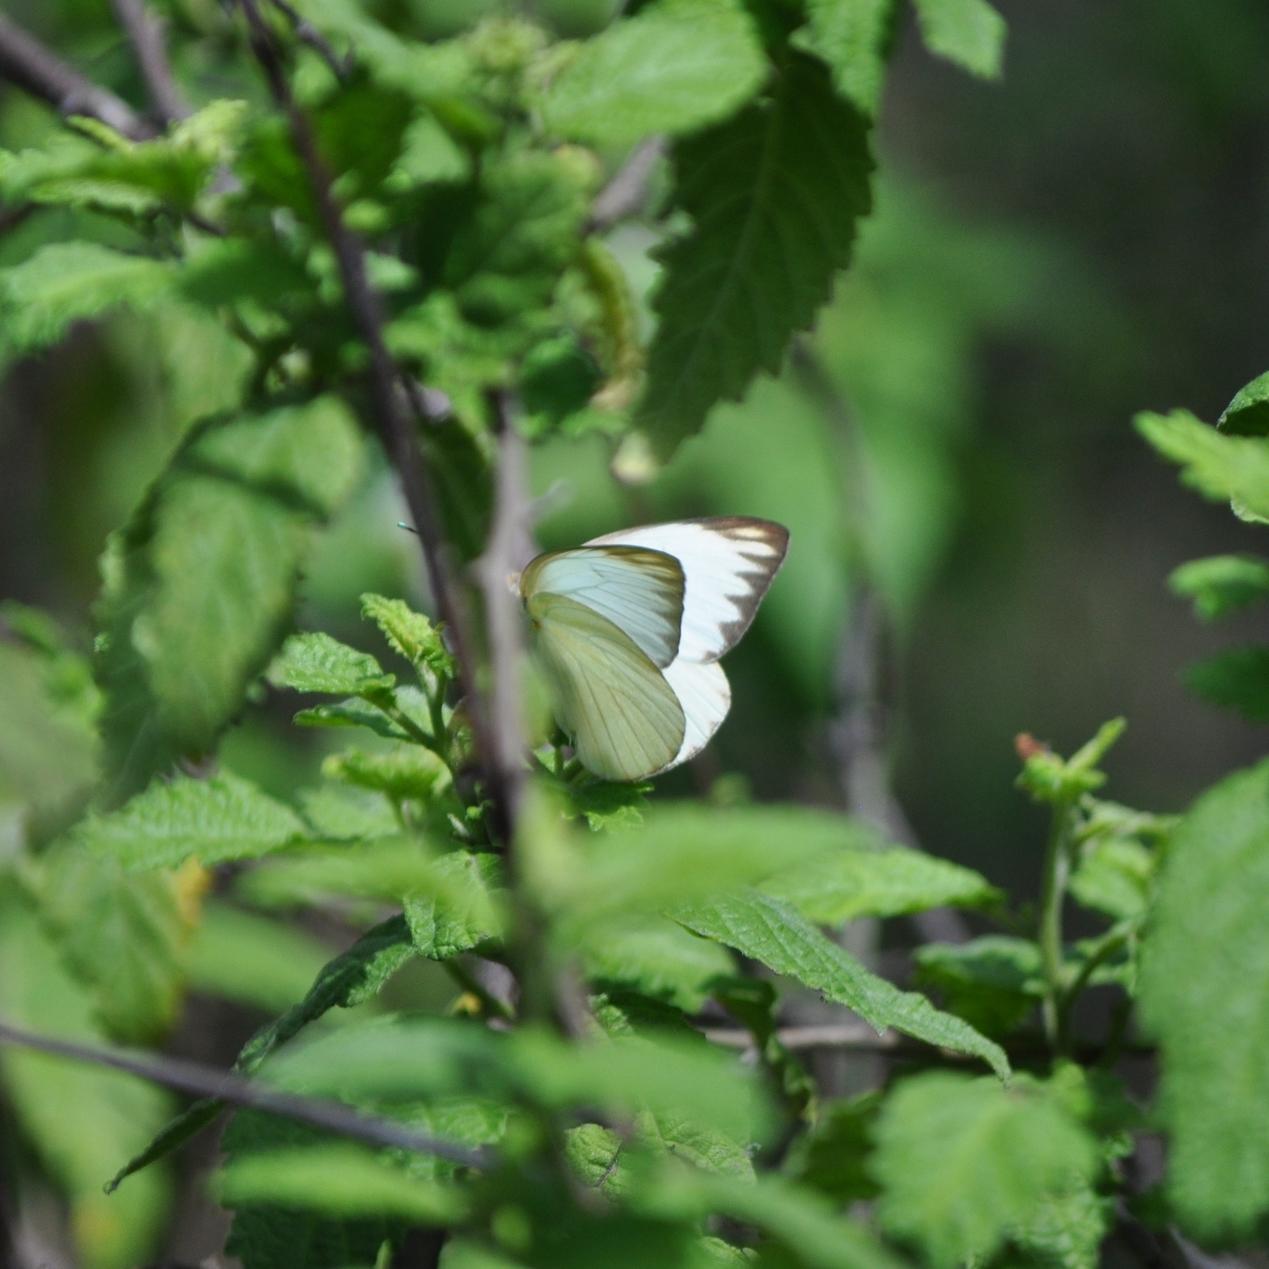 Las mariposas son importante para el ecosistema y la polinización. Foto: Pamy Rojas